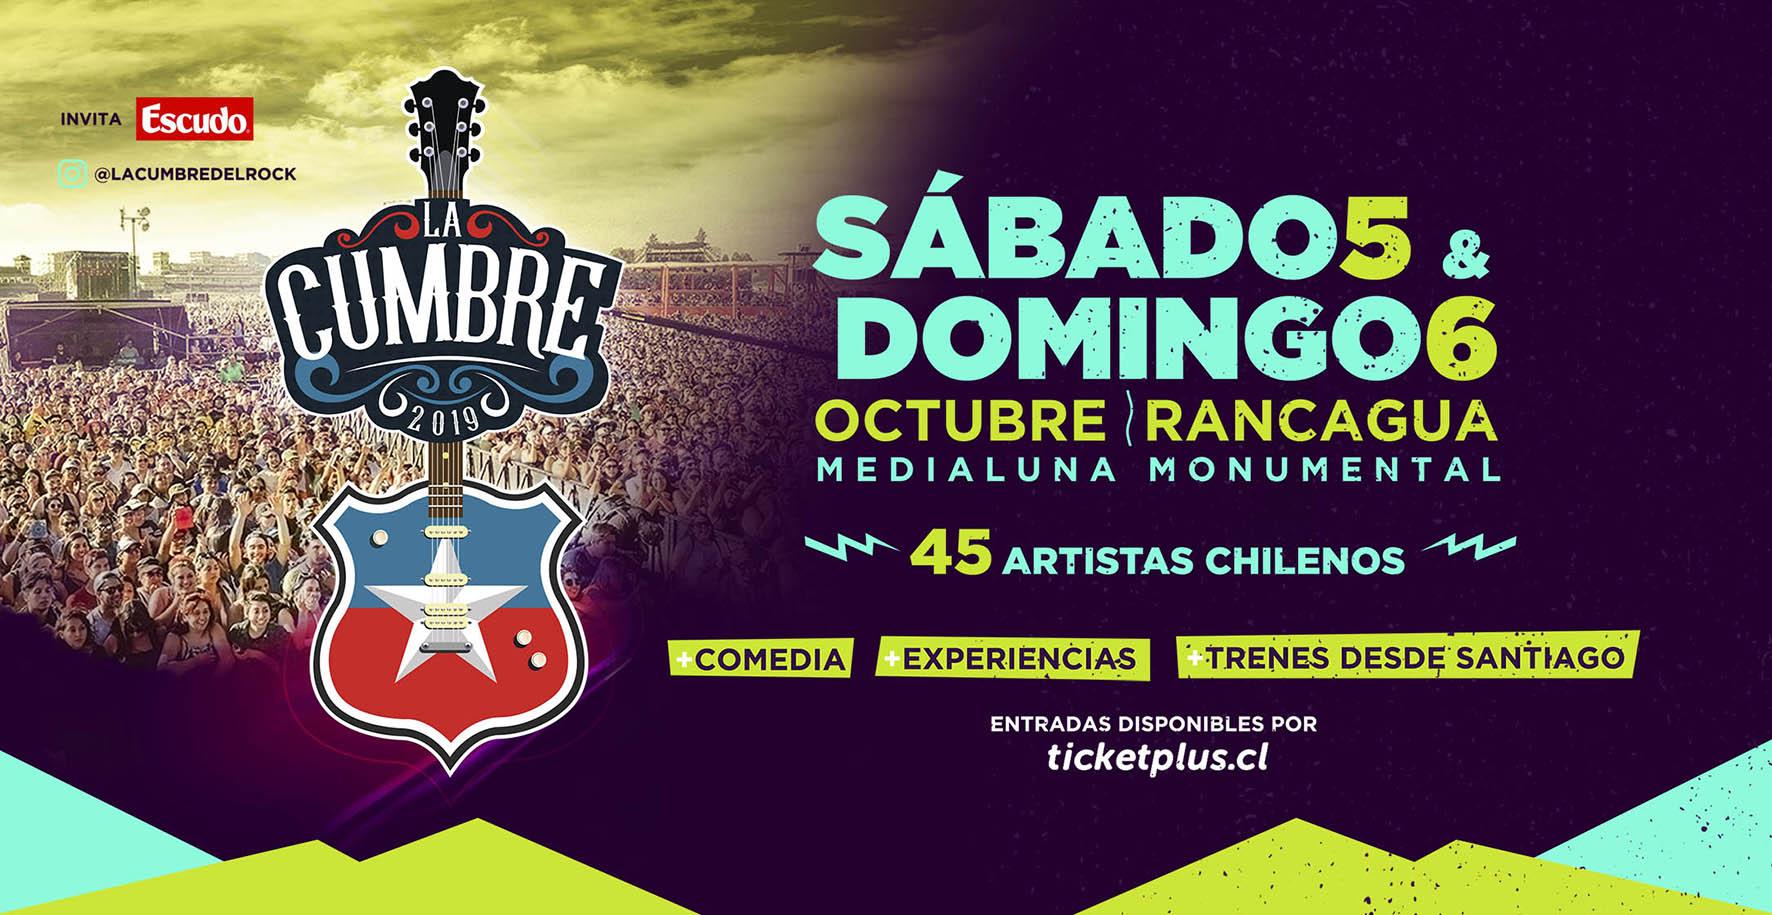 Confirmado: Festival de música chilena 'La Cumbre' se realizará en Rancagua